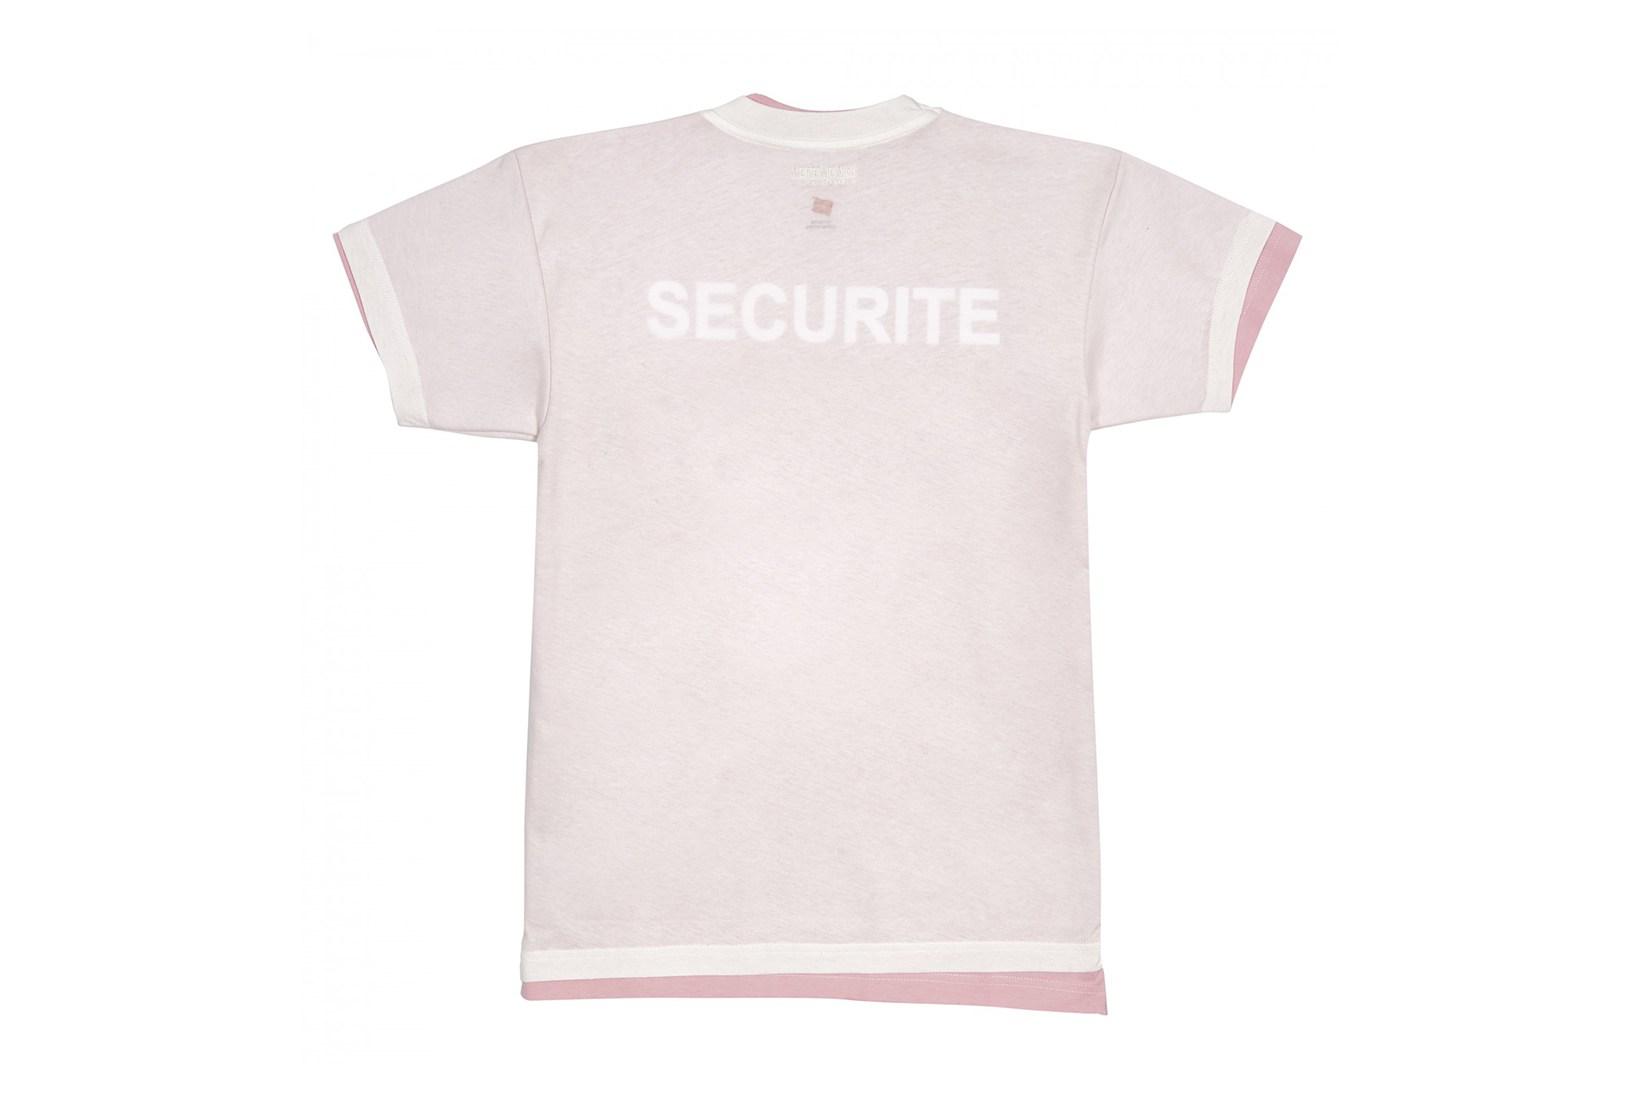 vetements-securite-double-t-shirt-1